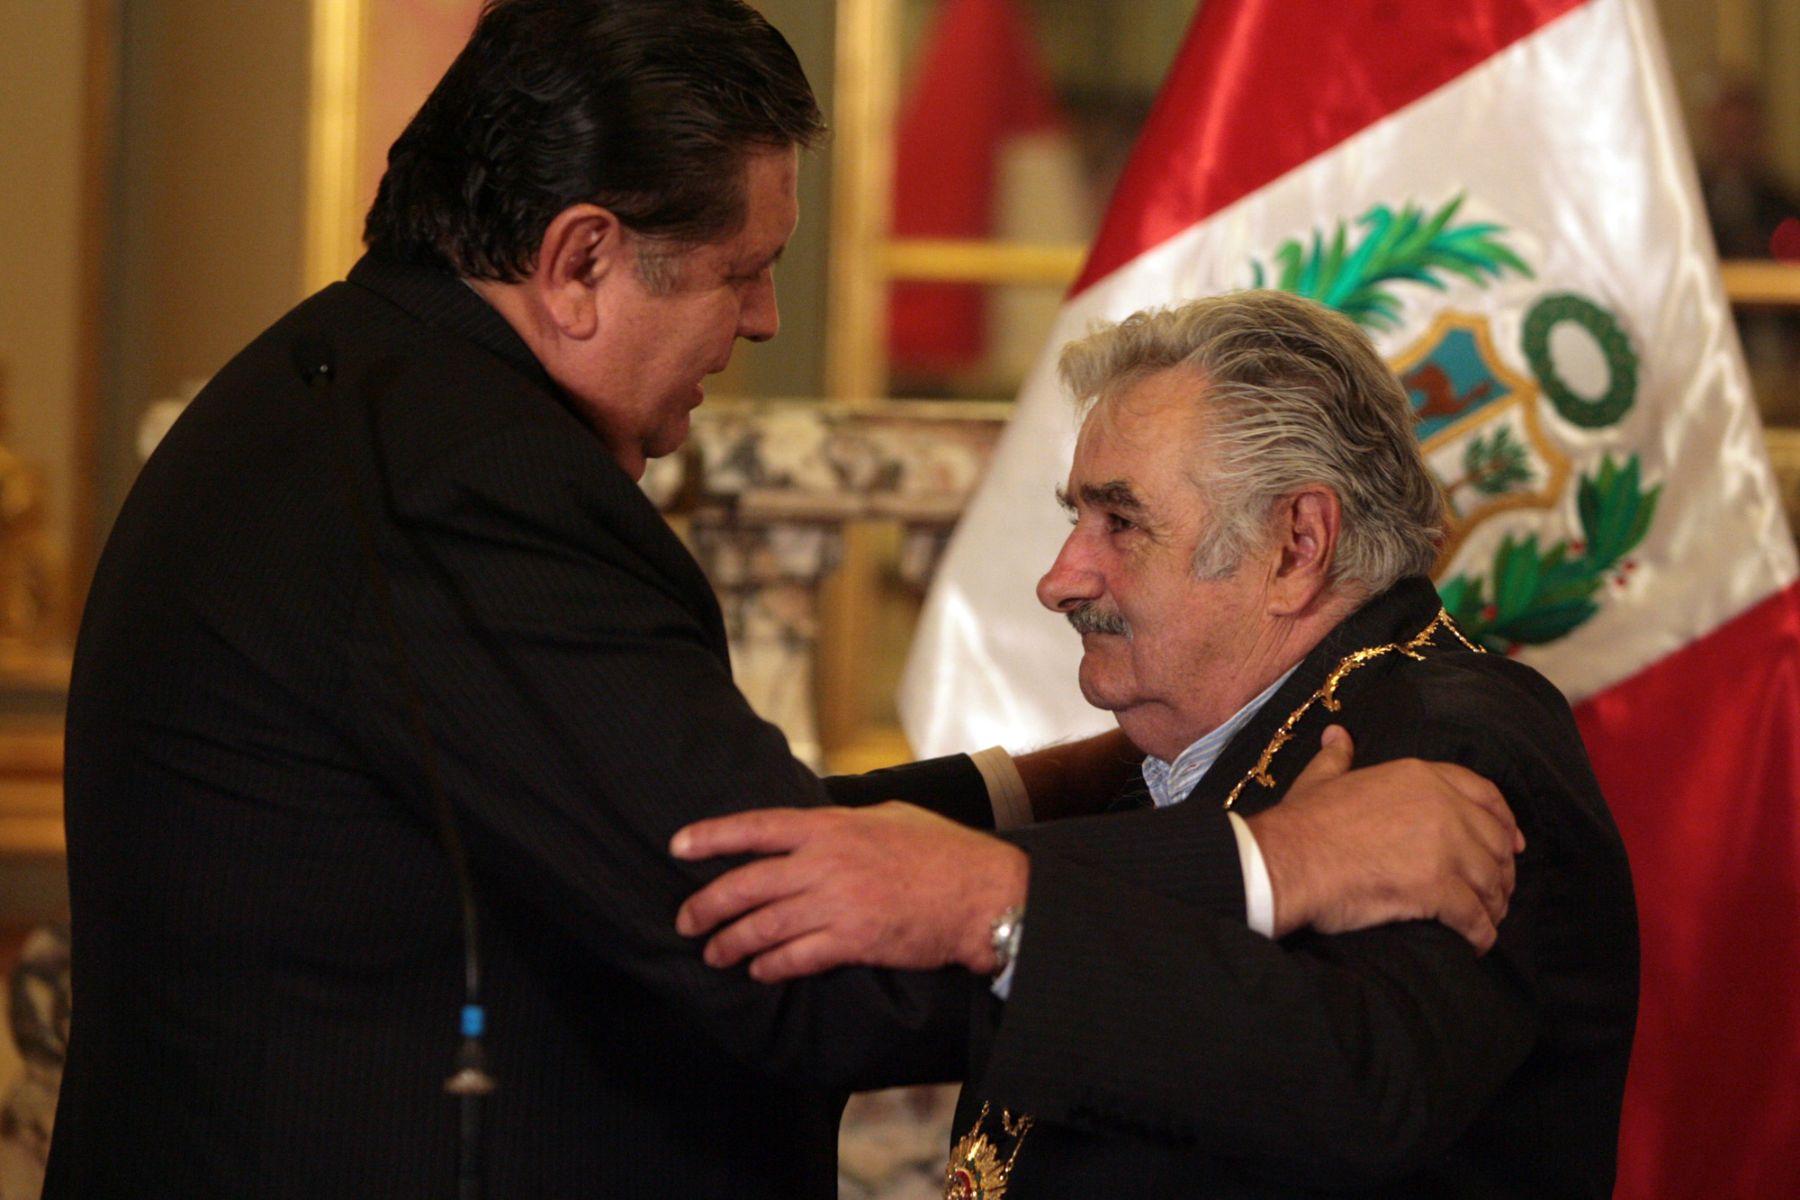 El presidente de la República Alan García condecoró con la Orden del Sol del Perú, a su homólogo uruguayo José Mujica, en Palacio de Gobierno.  ANDINA/ César García